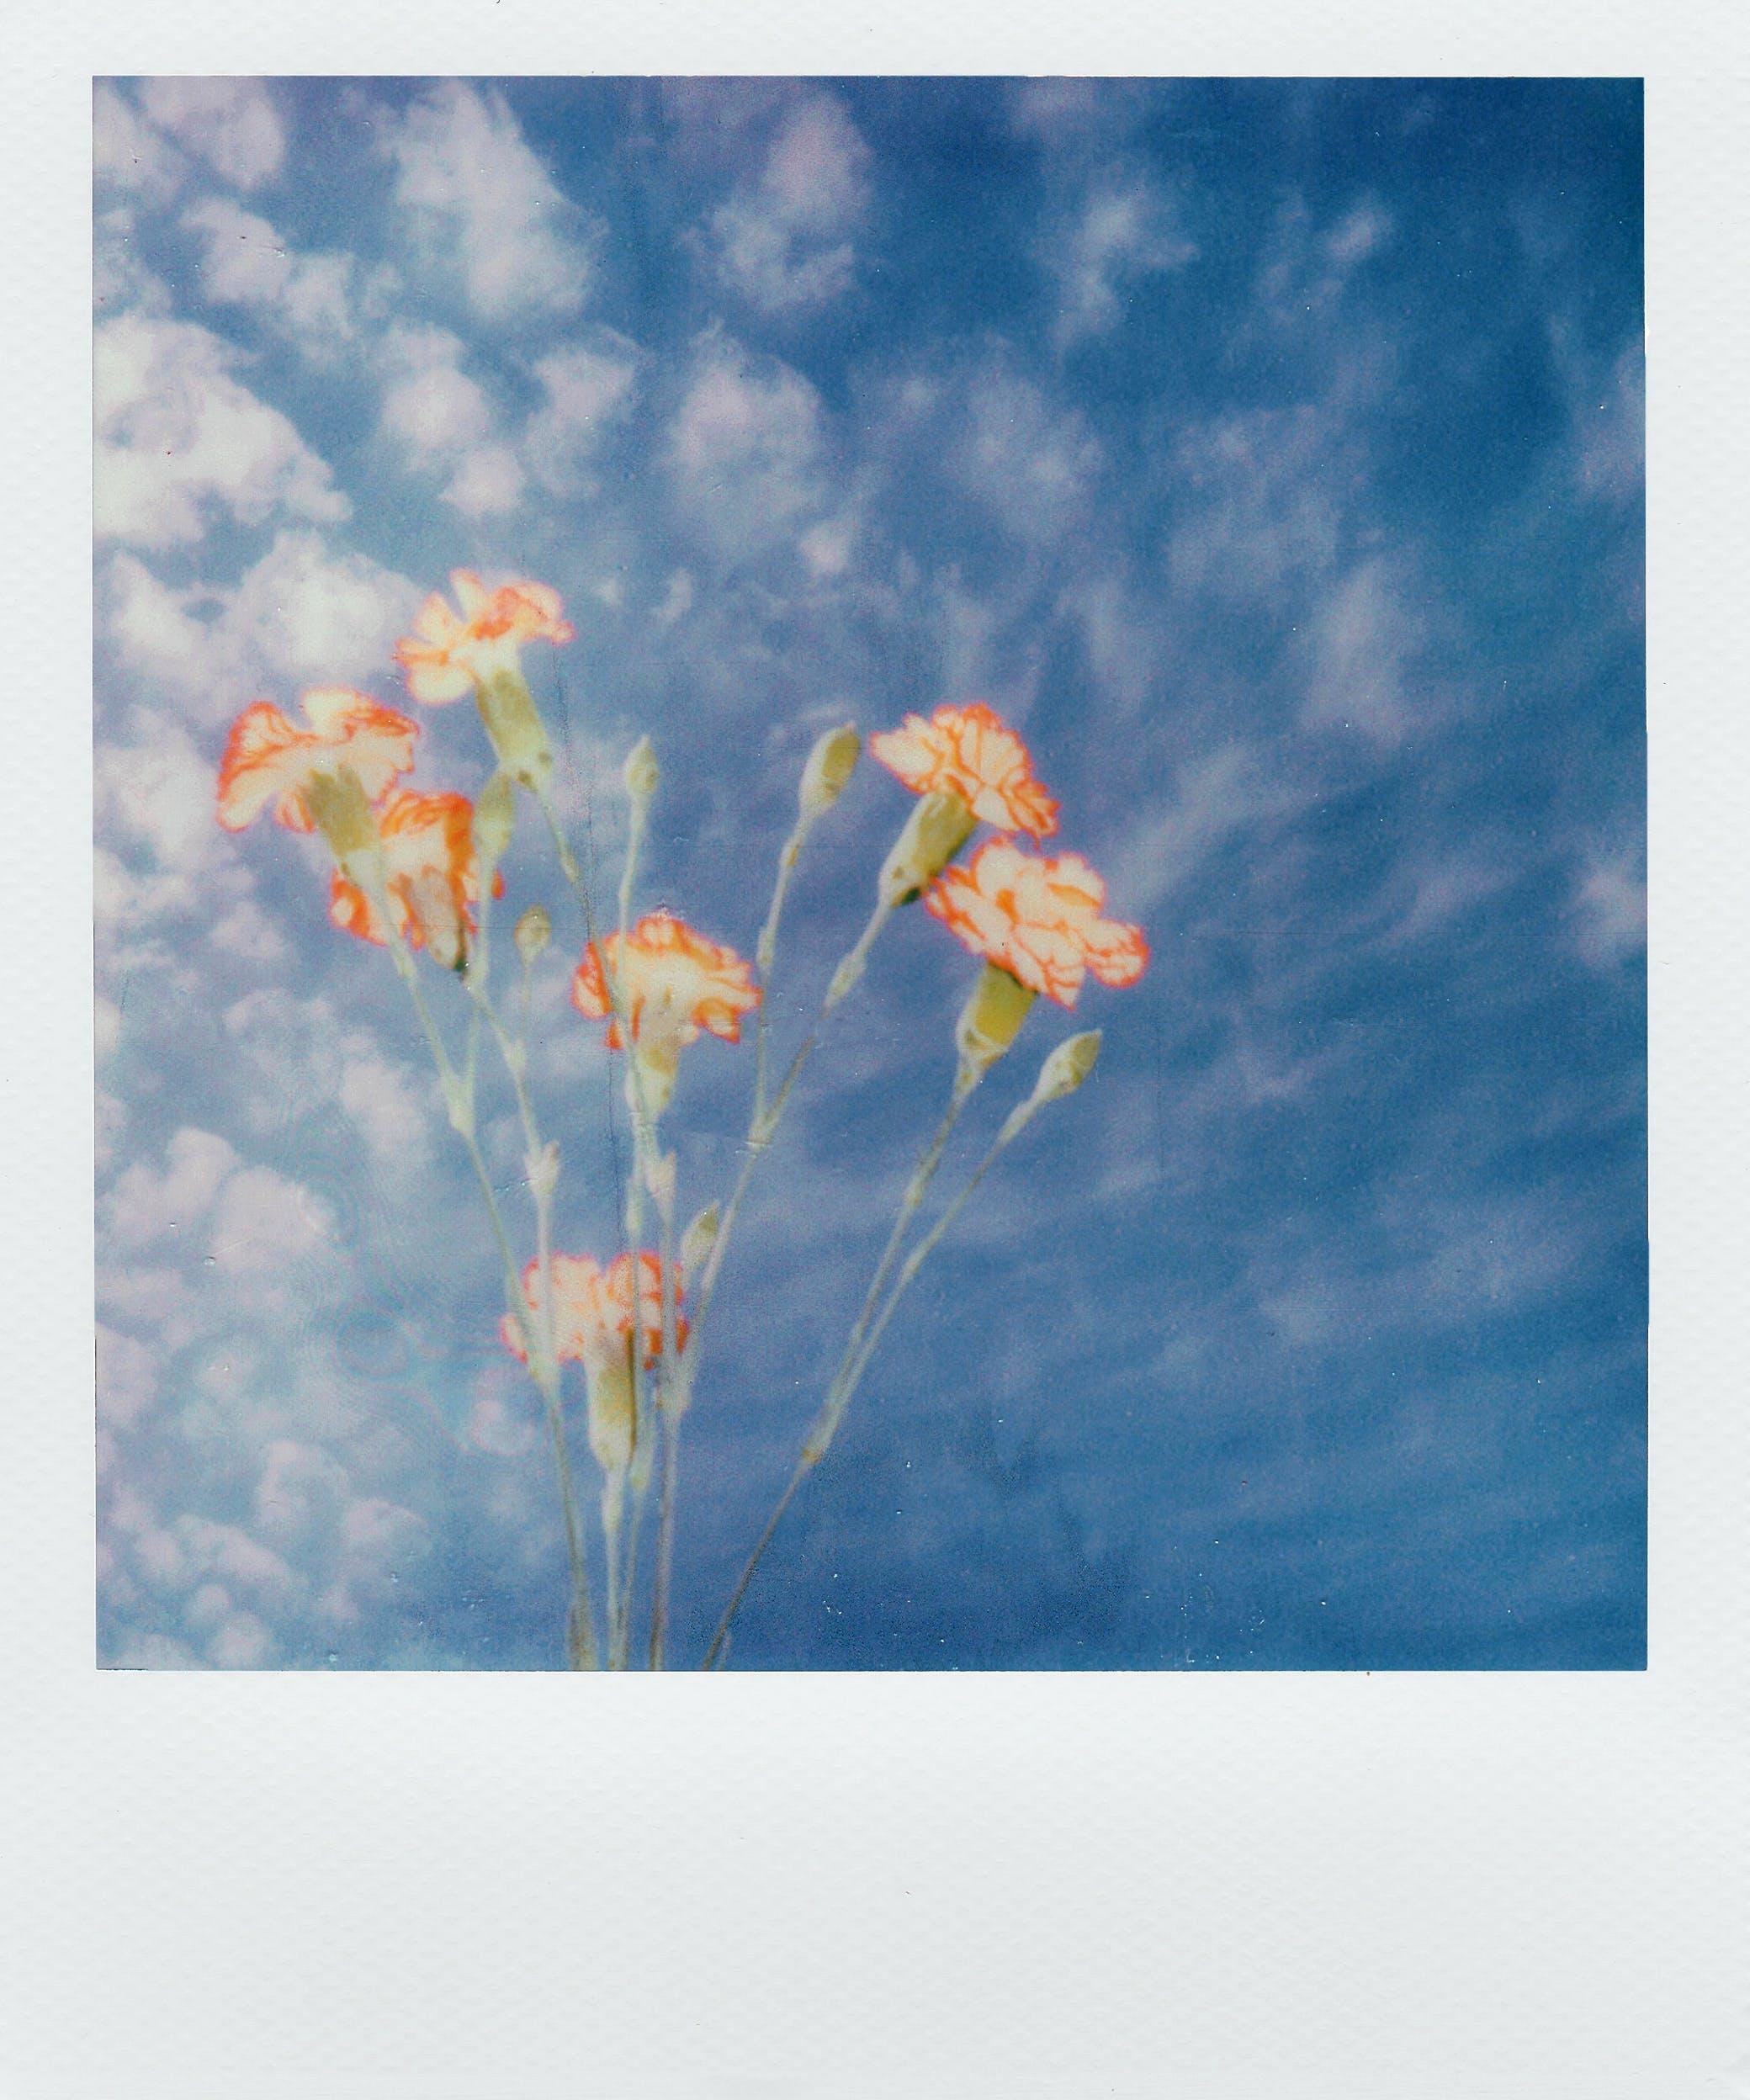 剪影, 增長, 夏天, 復古 的 免費圖庫相片